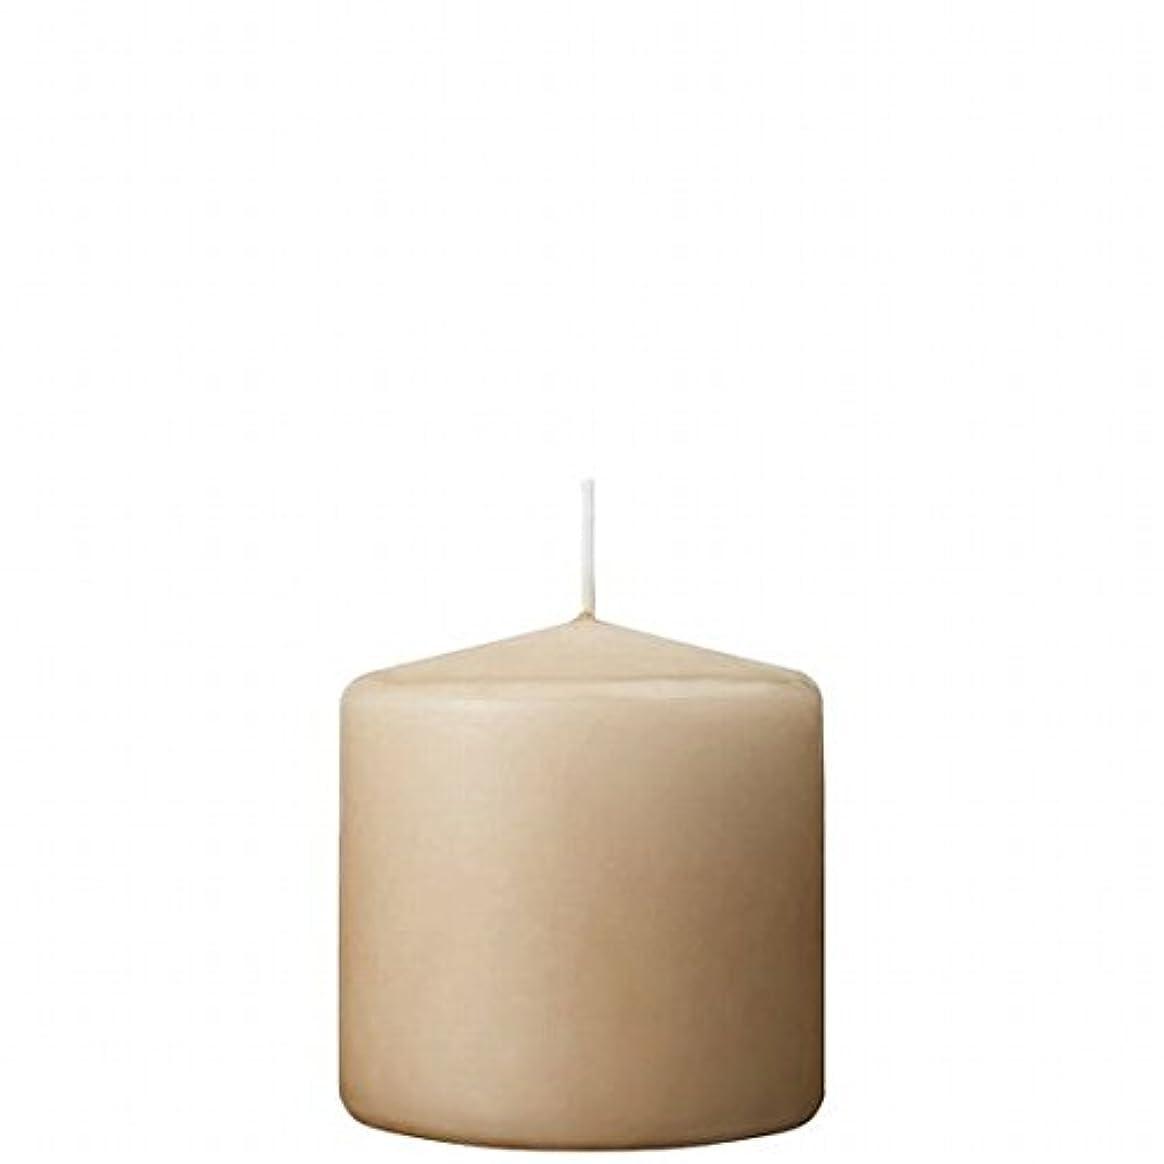 アパル近代化無心kameyama candle(カメヤマキャンドル) 3×3ベルトップピラーキャンドル 「 ベージュ 」(A9730000BG)